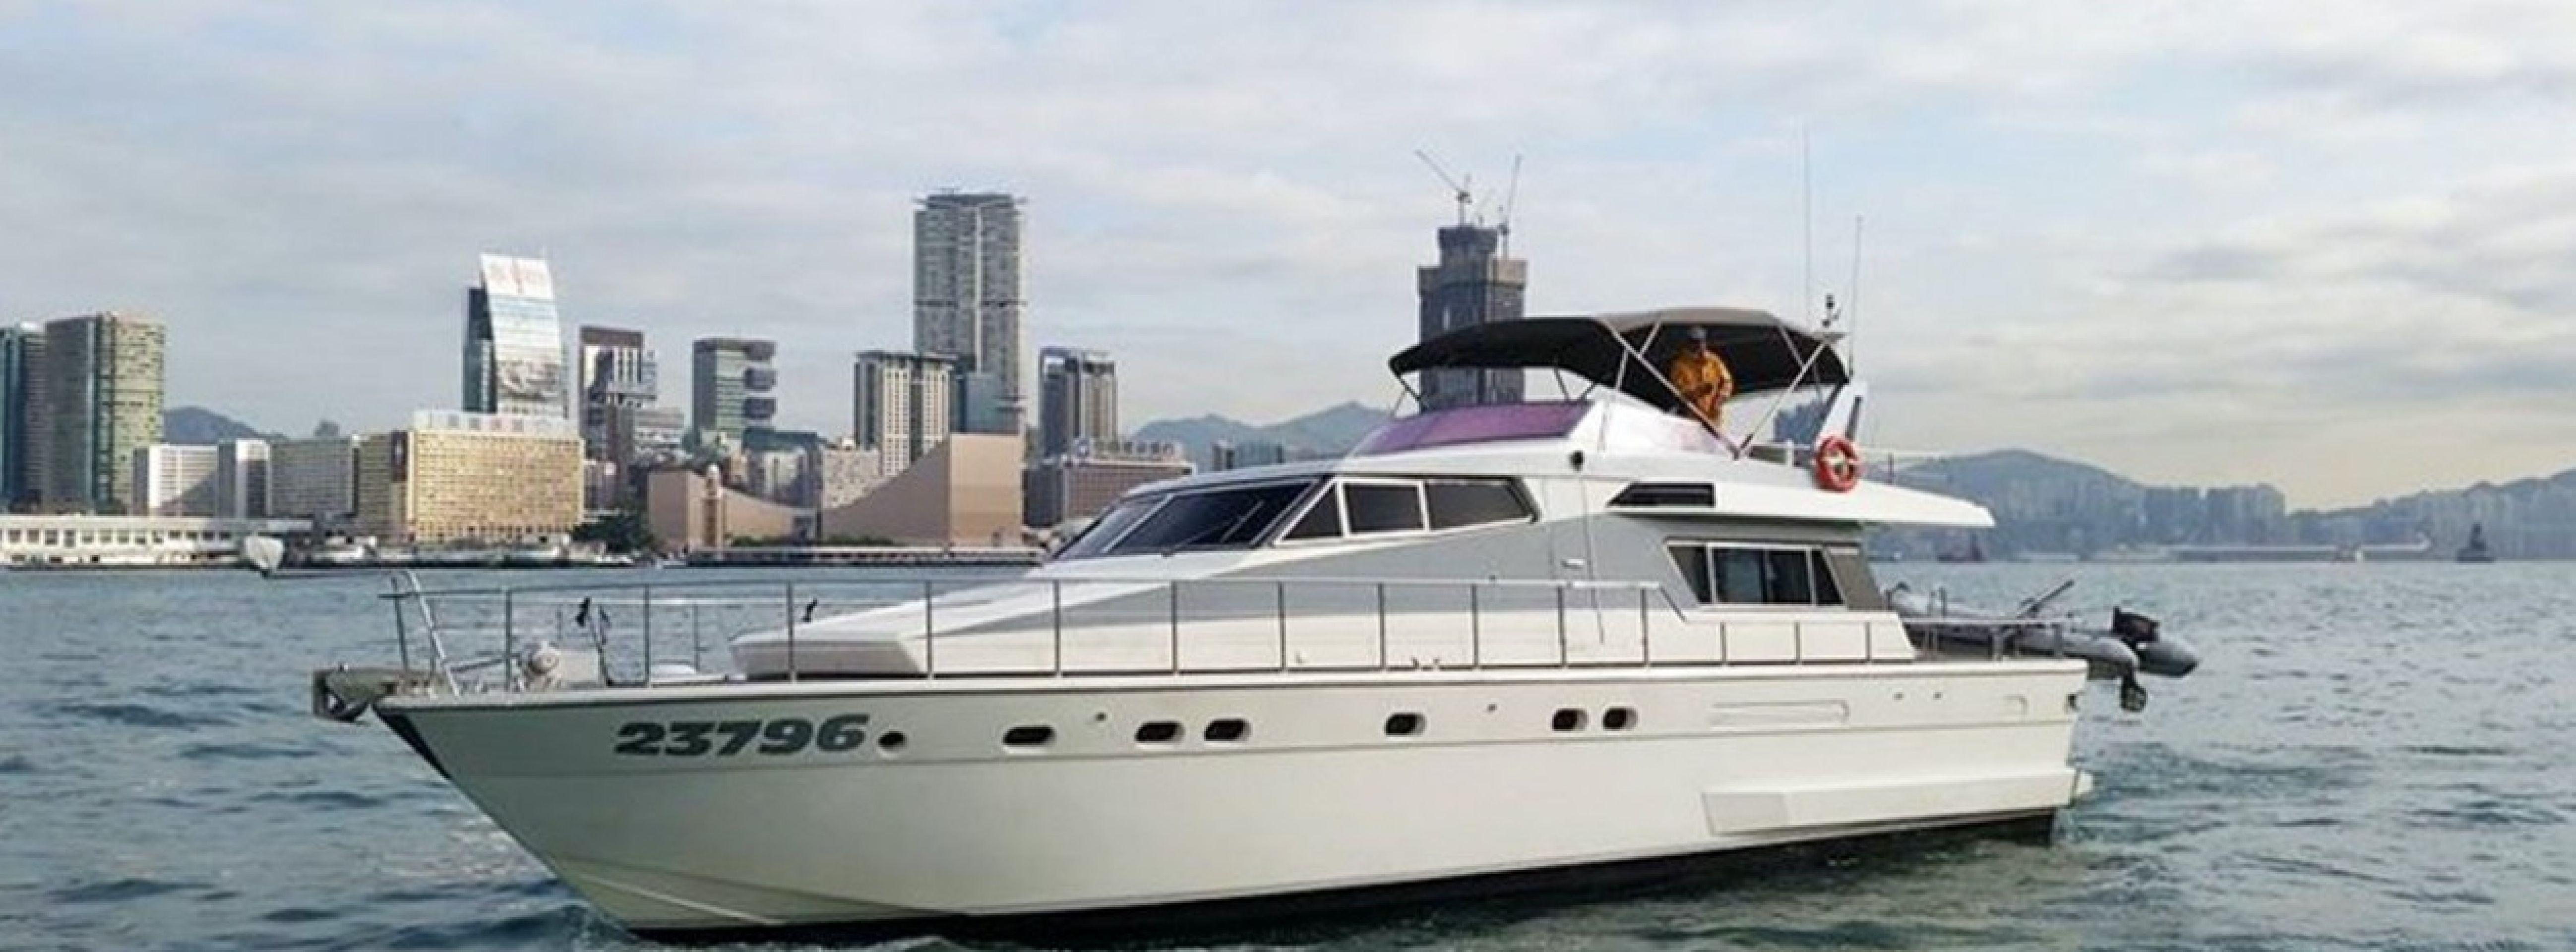 Hong Kong Yacht CHarter - HKY25